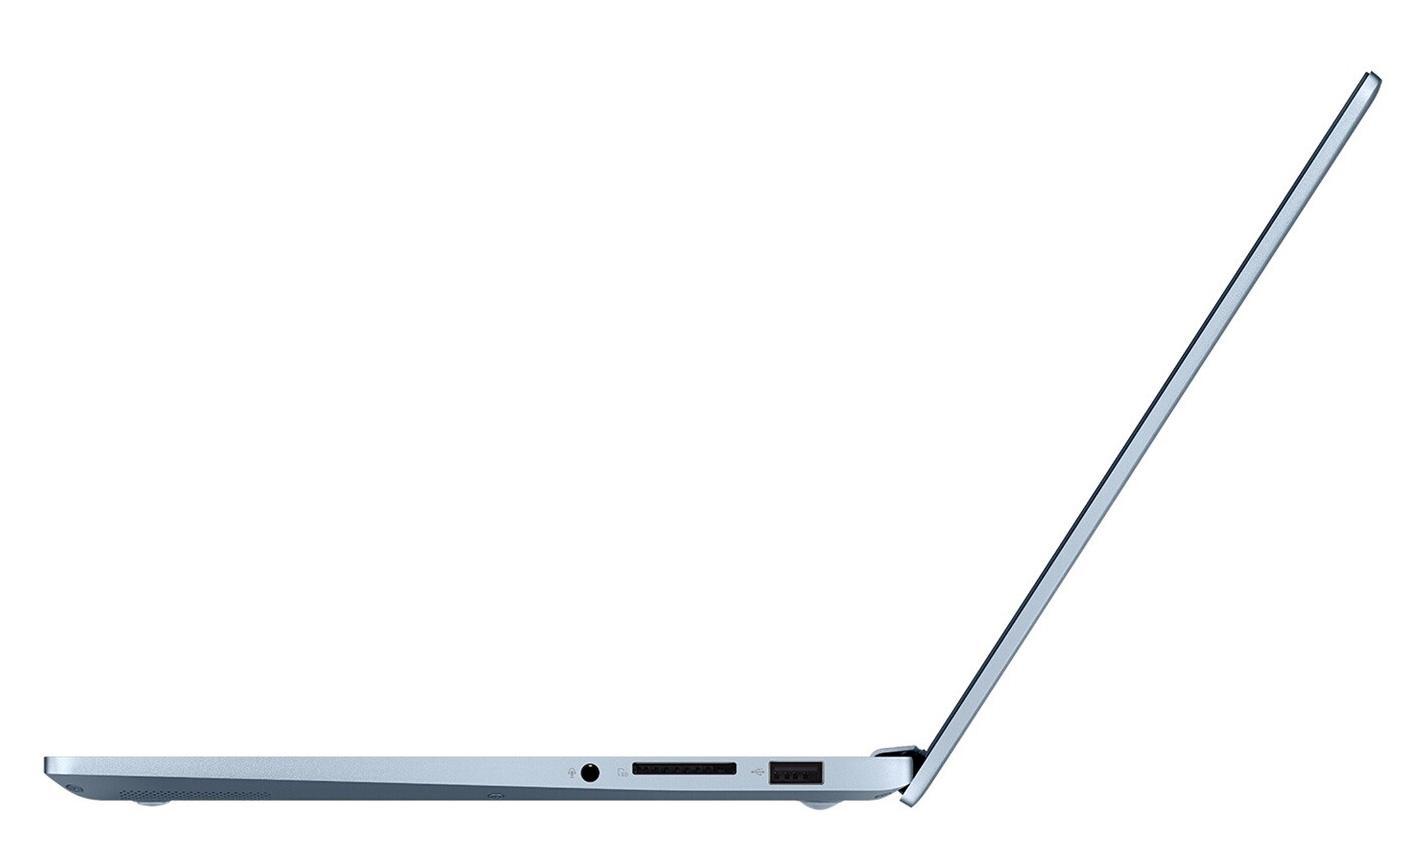 Ordinateur portable Asus VivoBook S403FA-EB250T Bleu Gris - photo 10